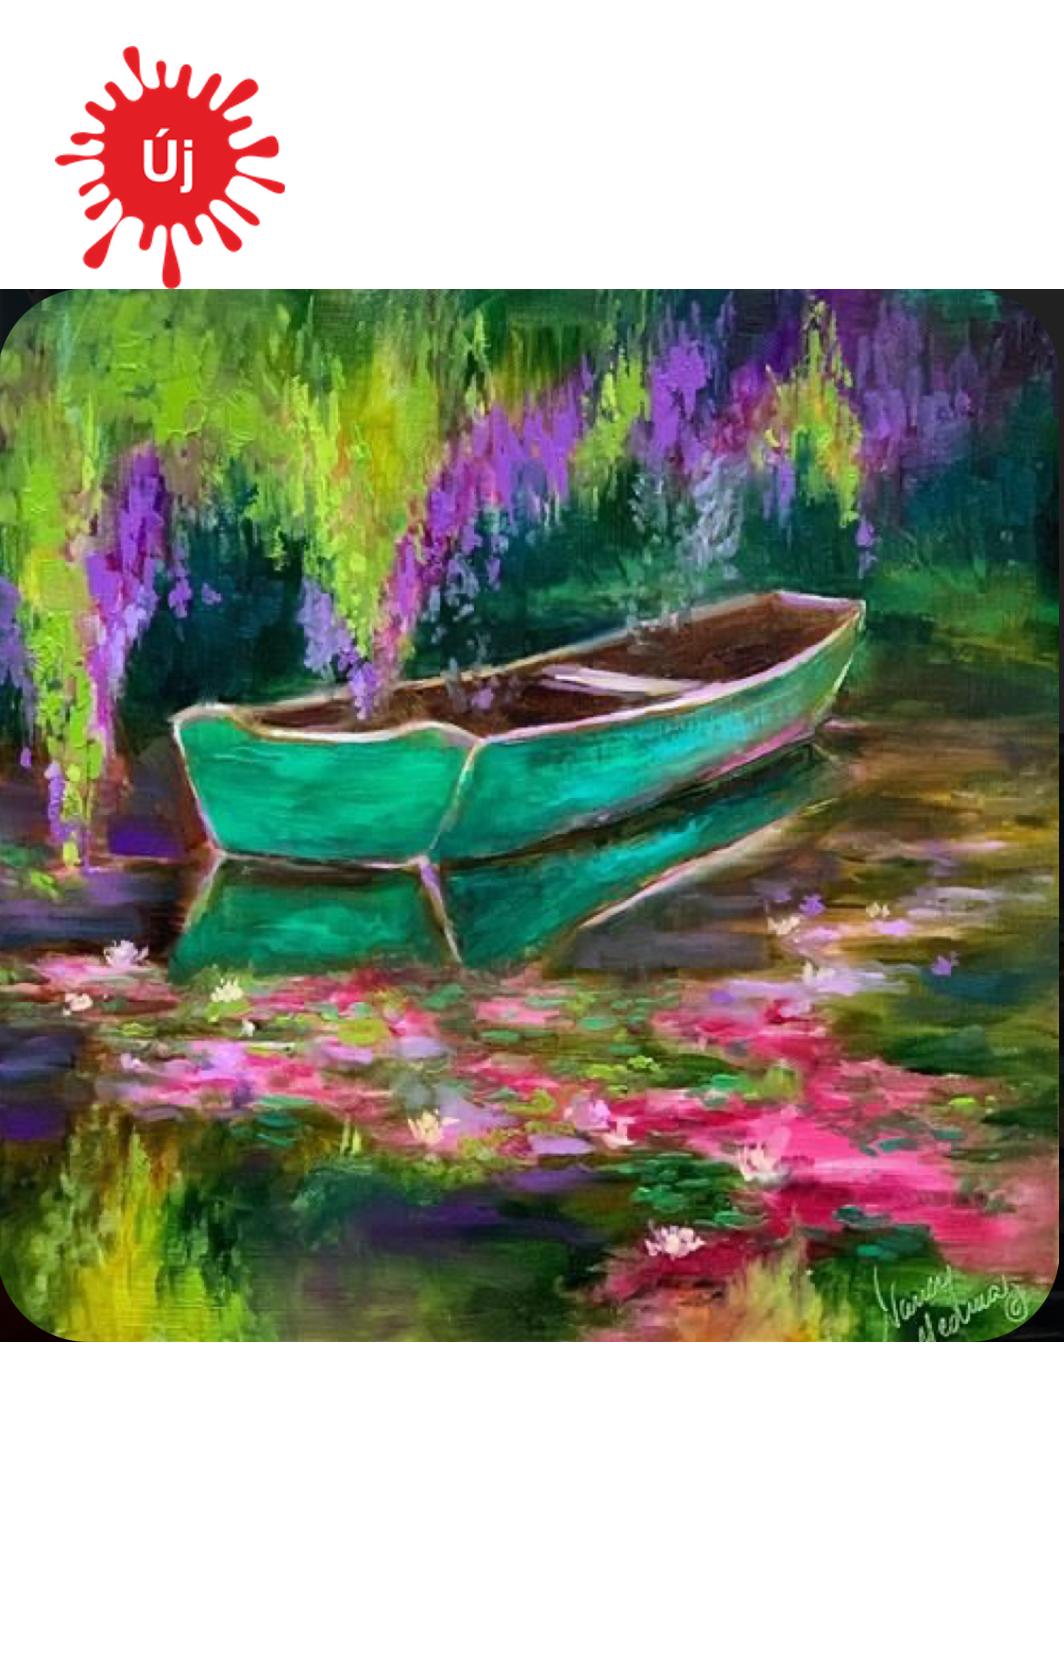 Csónak a fa alatt - YourArt - Otthoni élményfestő szett